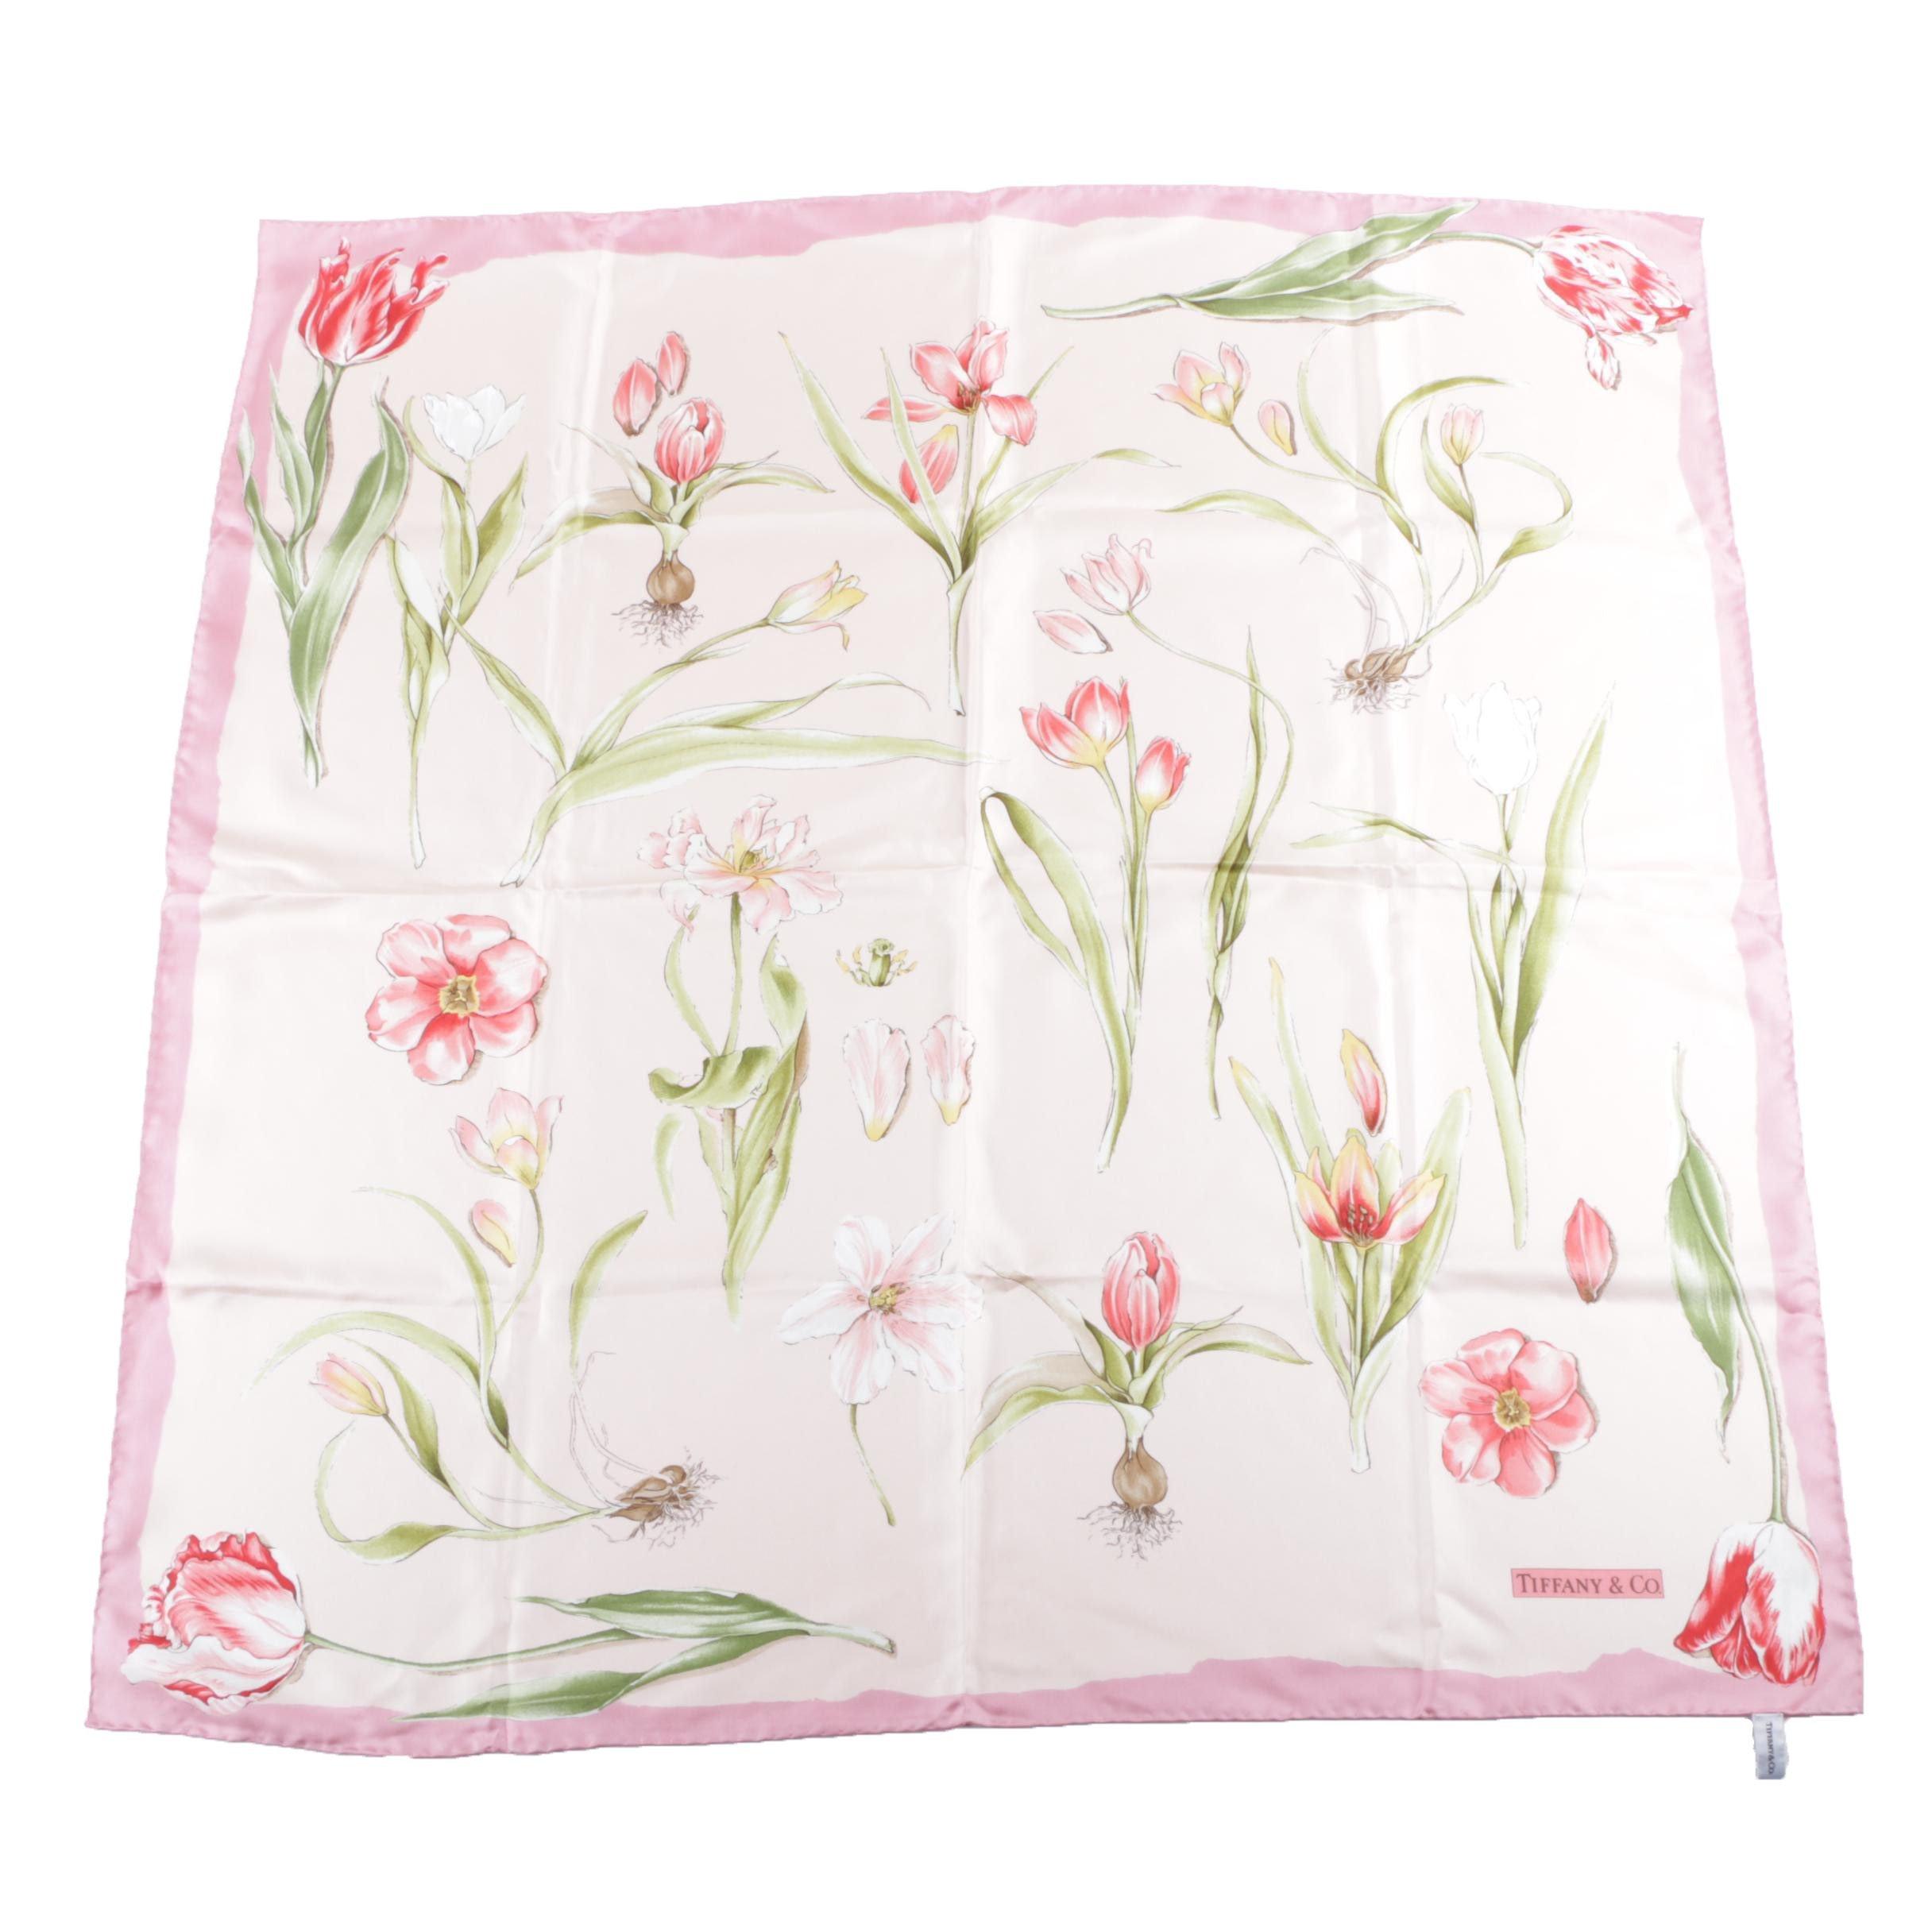 Tiffany & Co. Pink Silk Scarf